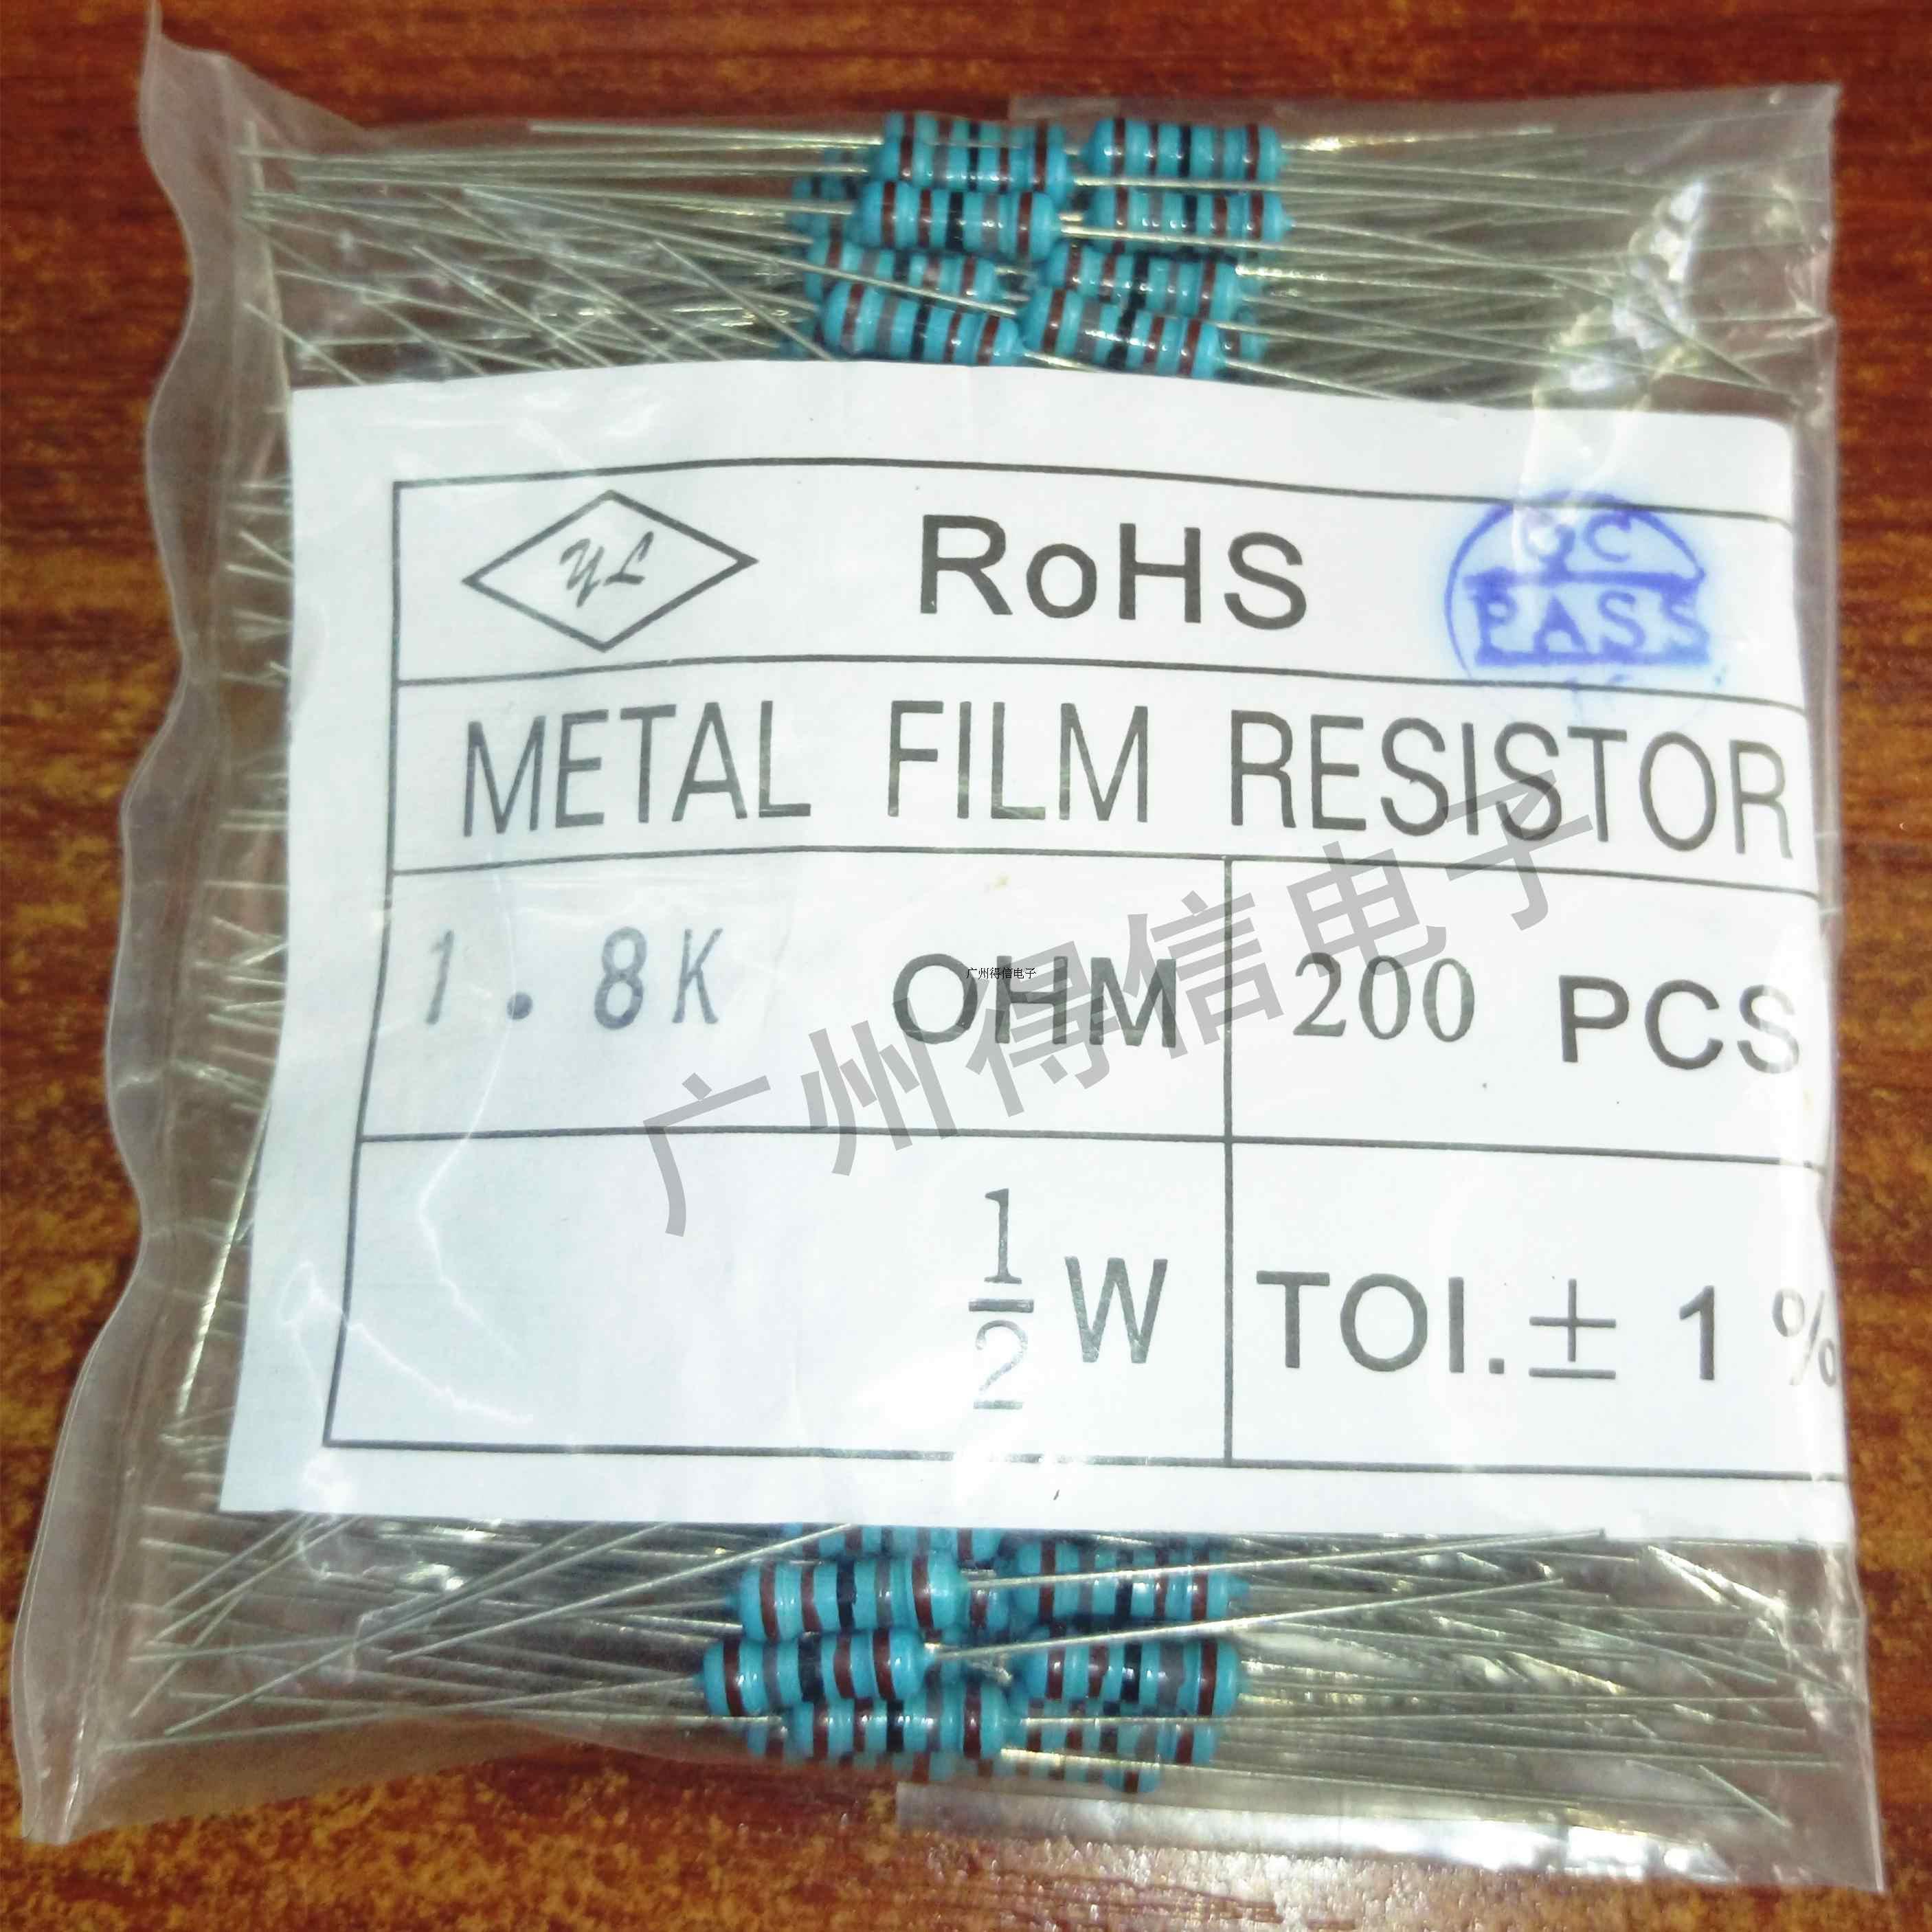 200 uds/lote 1/2W 300R 300 marca nueva 1% de película de Metal pies de hierro resistencia envío gratis